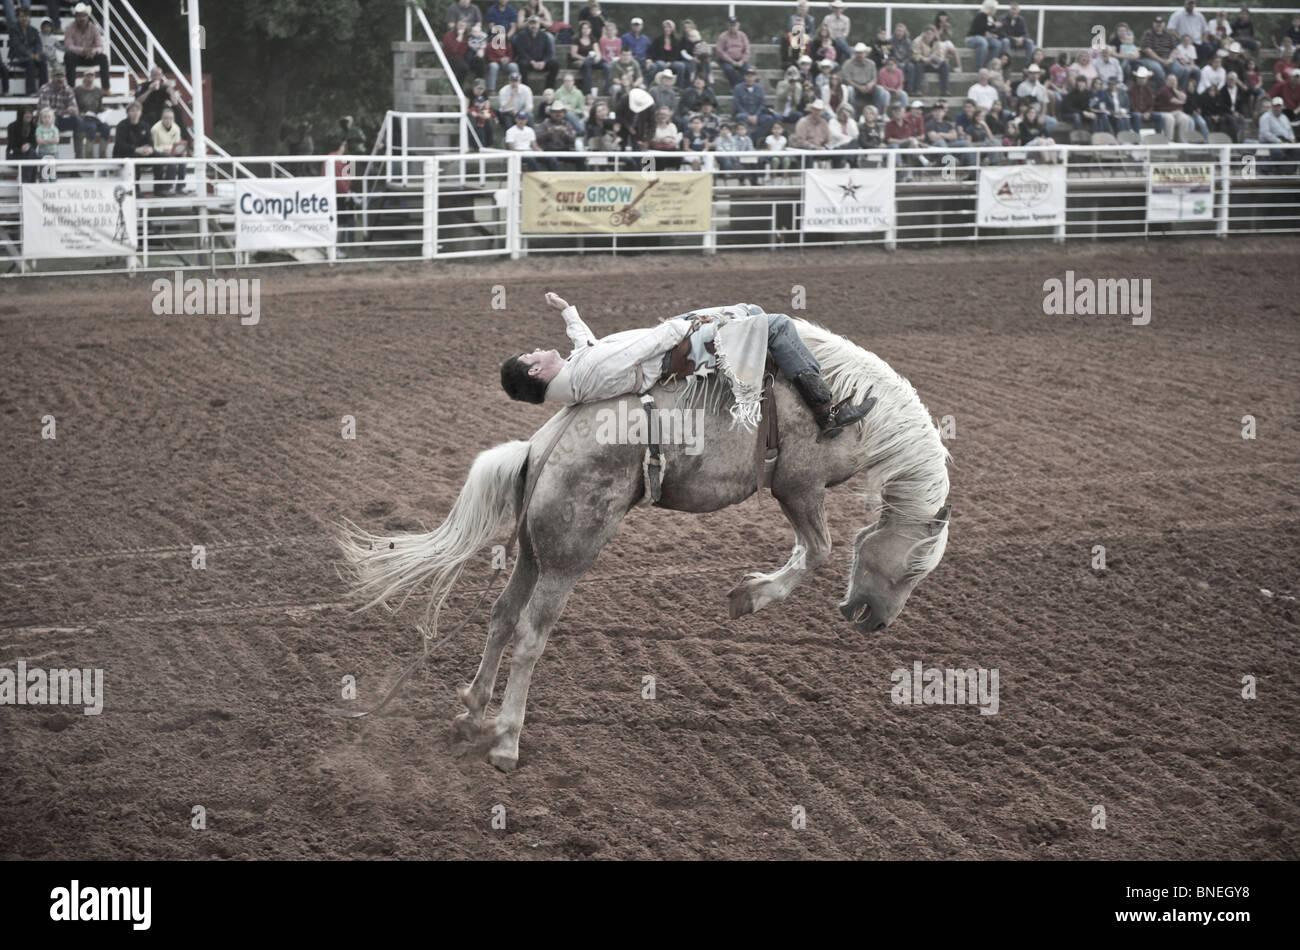 L'essayant de jeter Rodeo Cowboy membre de l'érythroblastopénie à partir de son retour à Petite-ville Bridgeport, Texas, États-Unis Banque D'Images